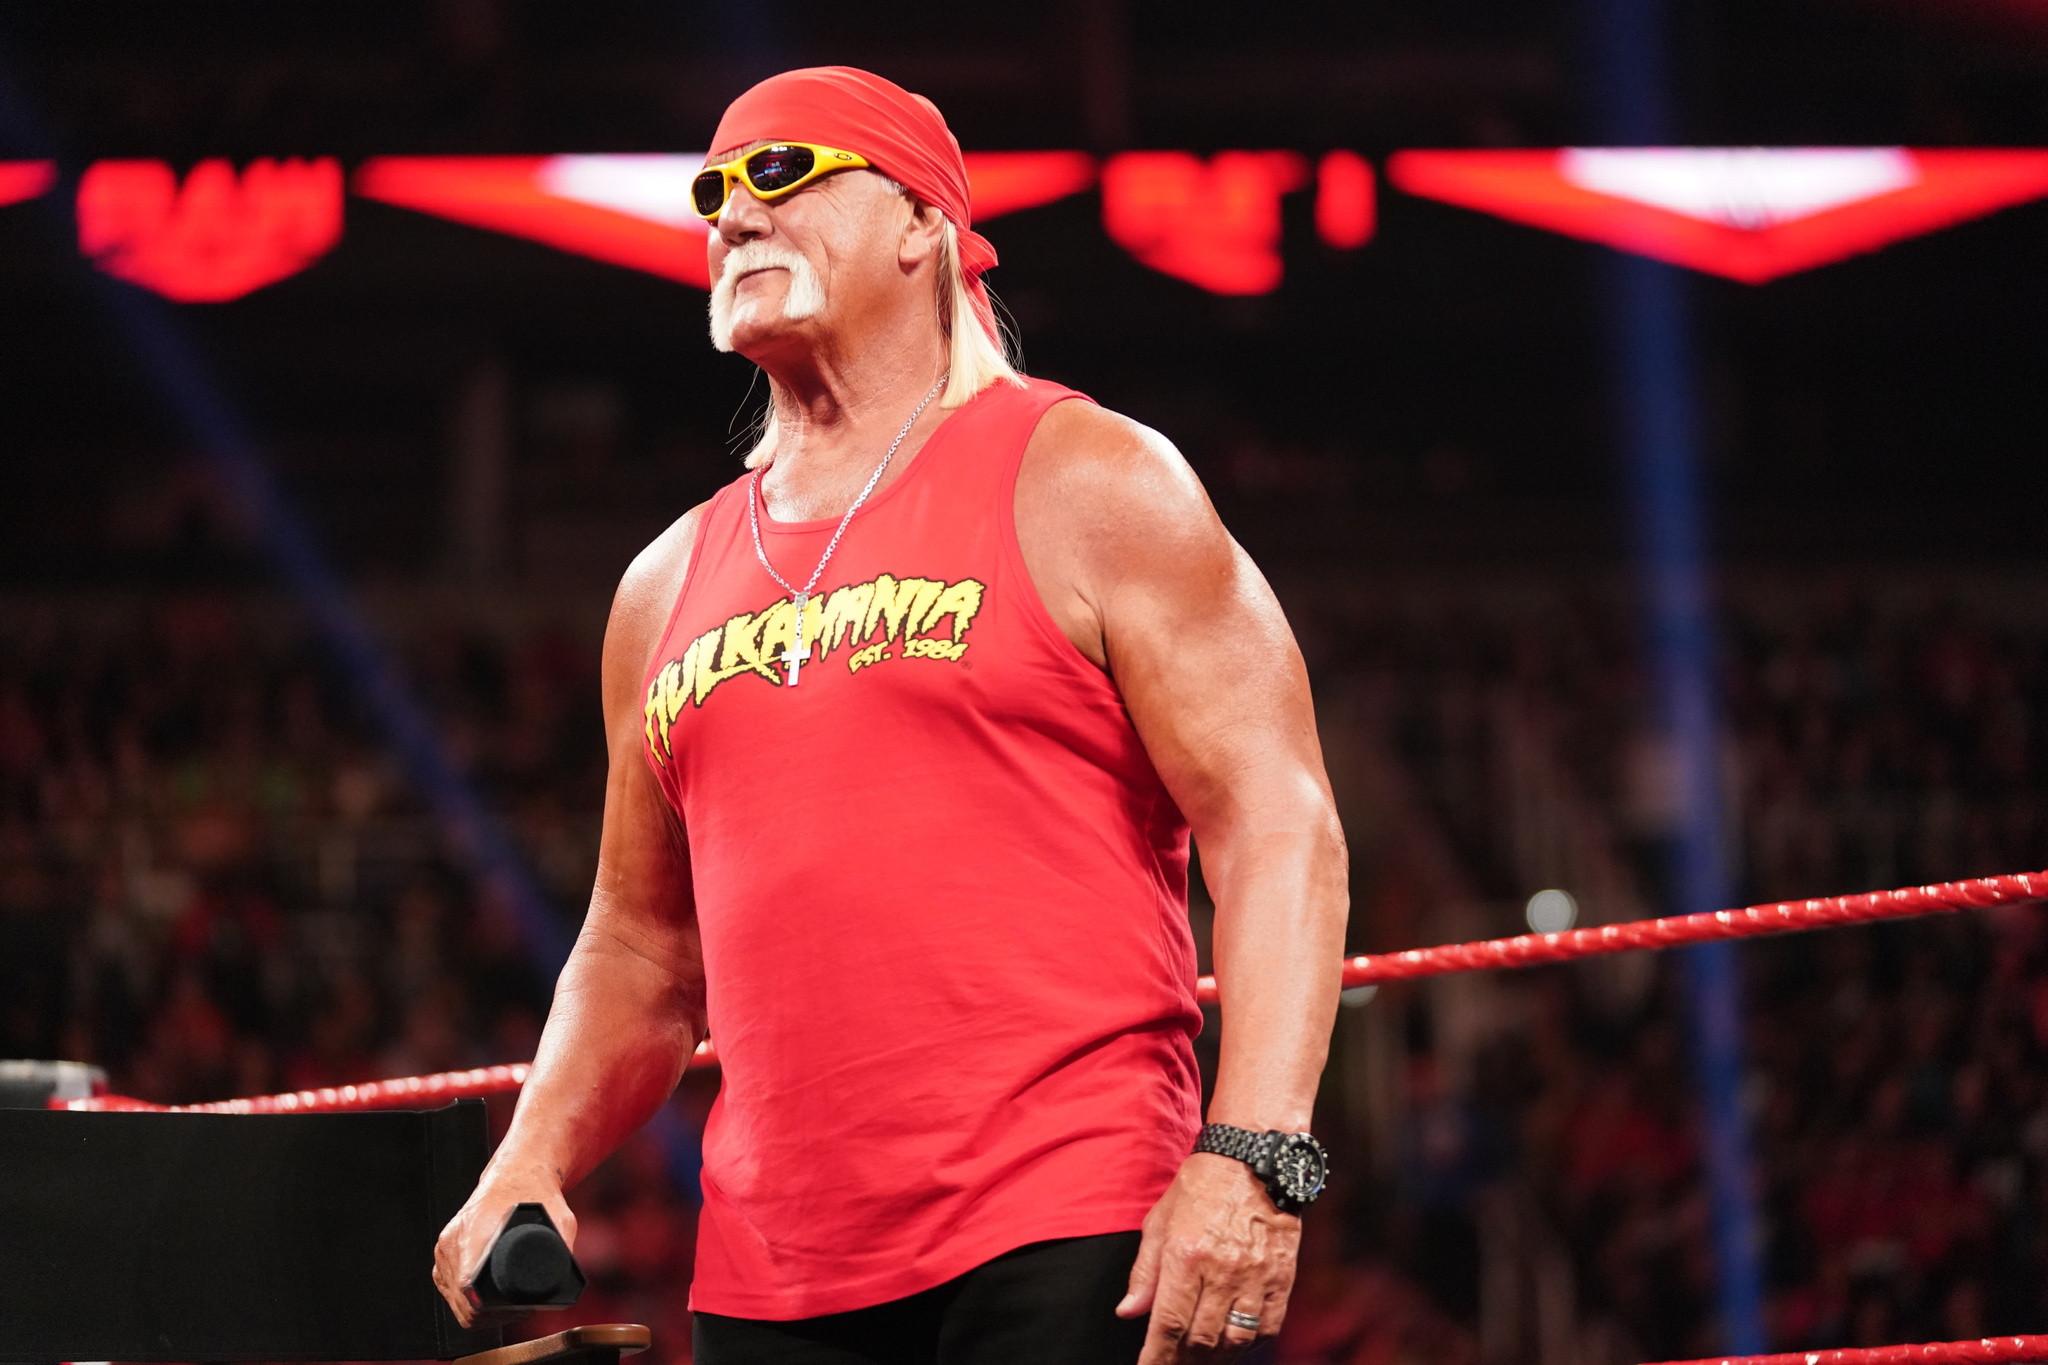 Hulk Hogan e Logan Paul foram fortemente vaiados na WrestleMania 37